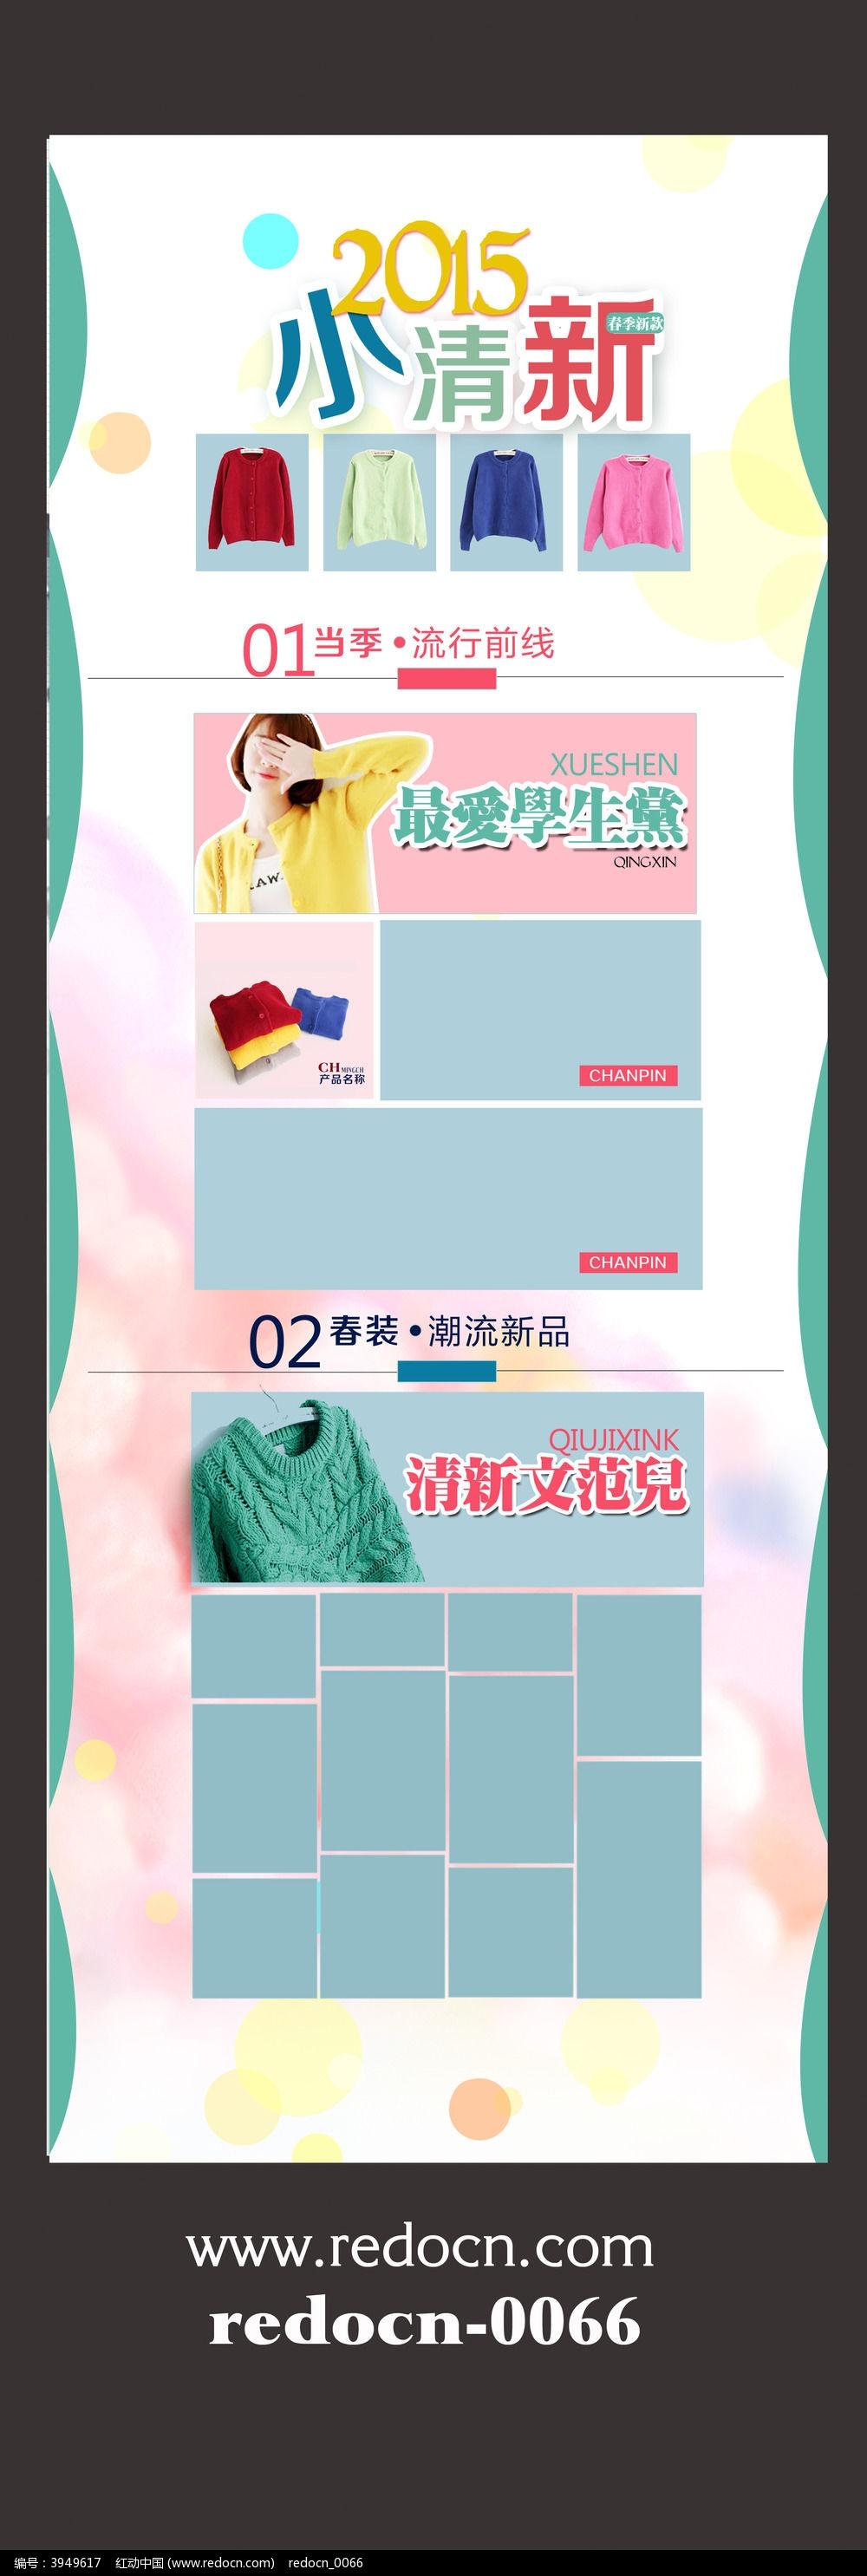 2015小清新春装新品上市网页装修模板图片